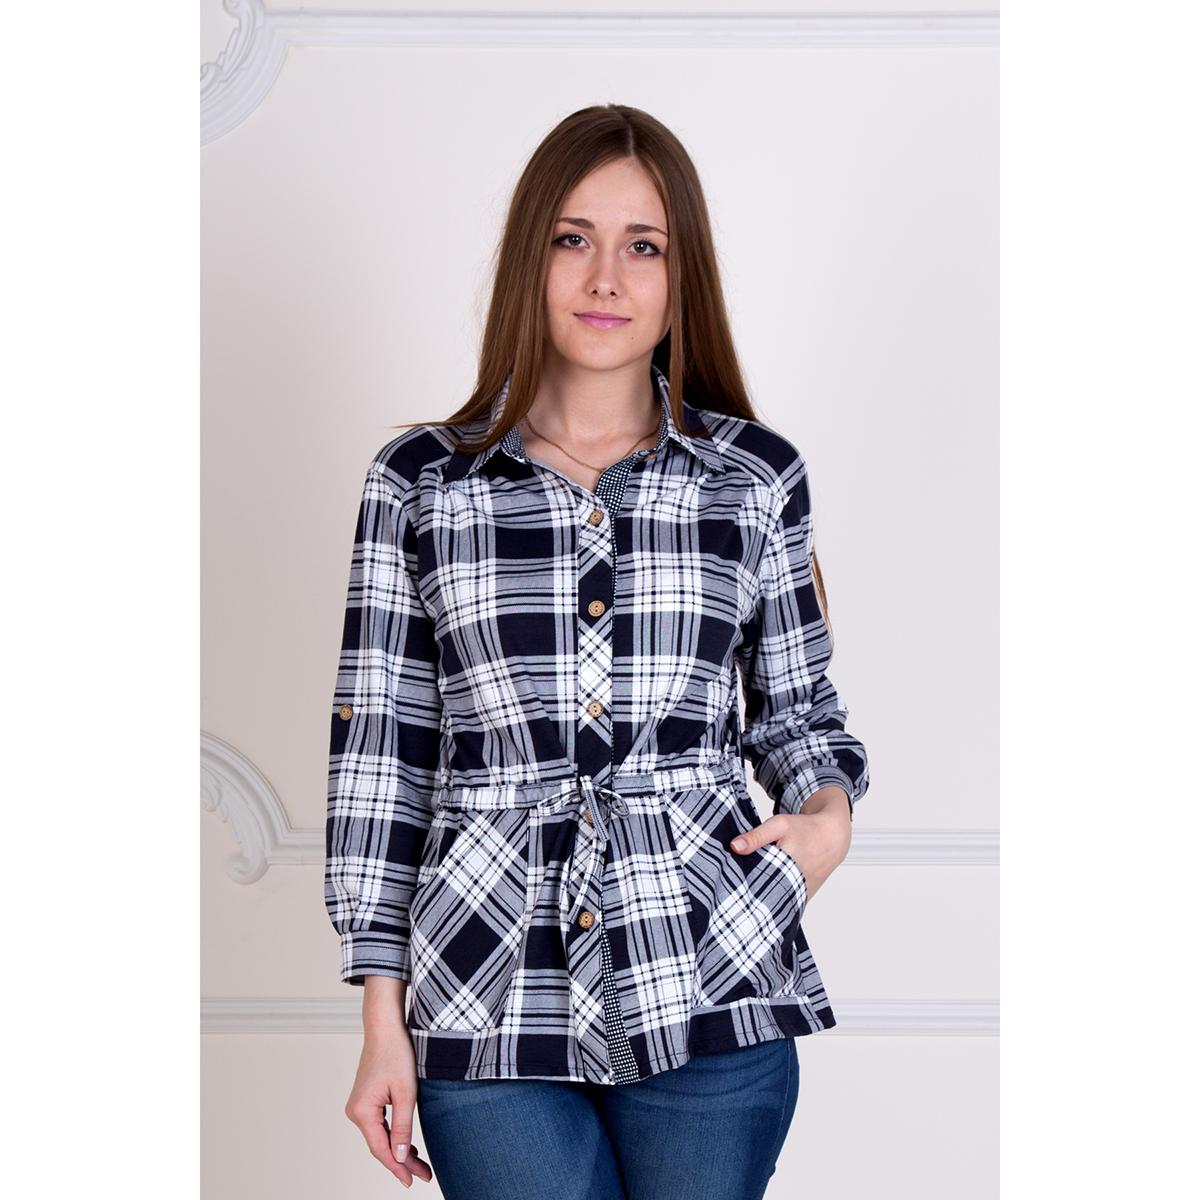 Женская рубашка Клетка Черный, размер 52Блузки, майки, кофты<br>Обхват груди:104 см<br>Обхват талии:85 см<br>Обхват бедер:112 см<br>Рост:167 см<br><br>Тип: Жен. рубашка<br>Размер: 52<br>Материал: Кулирка